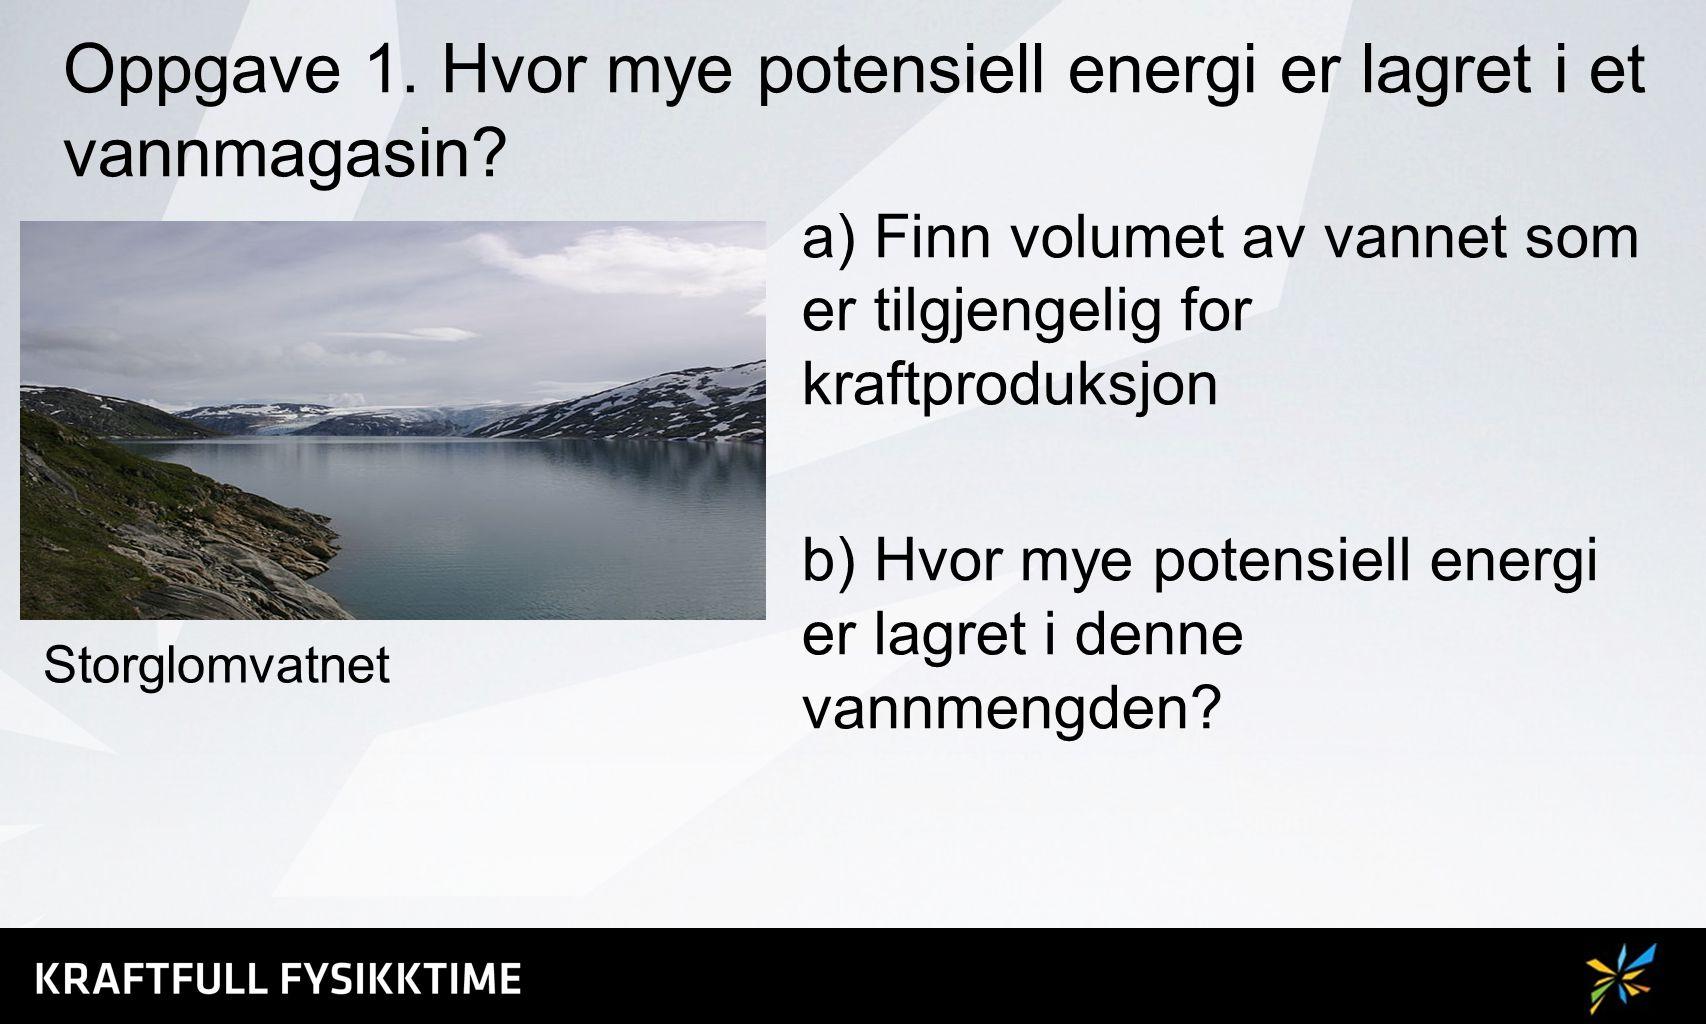 Oppgave 1. Hvor mye potensiell energi er lagret i et vannmagasin